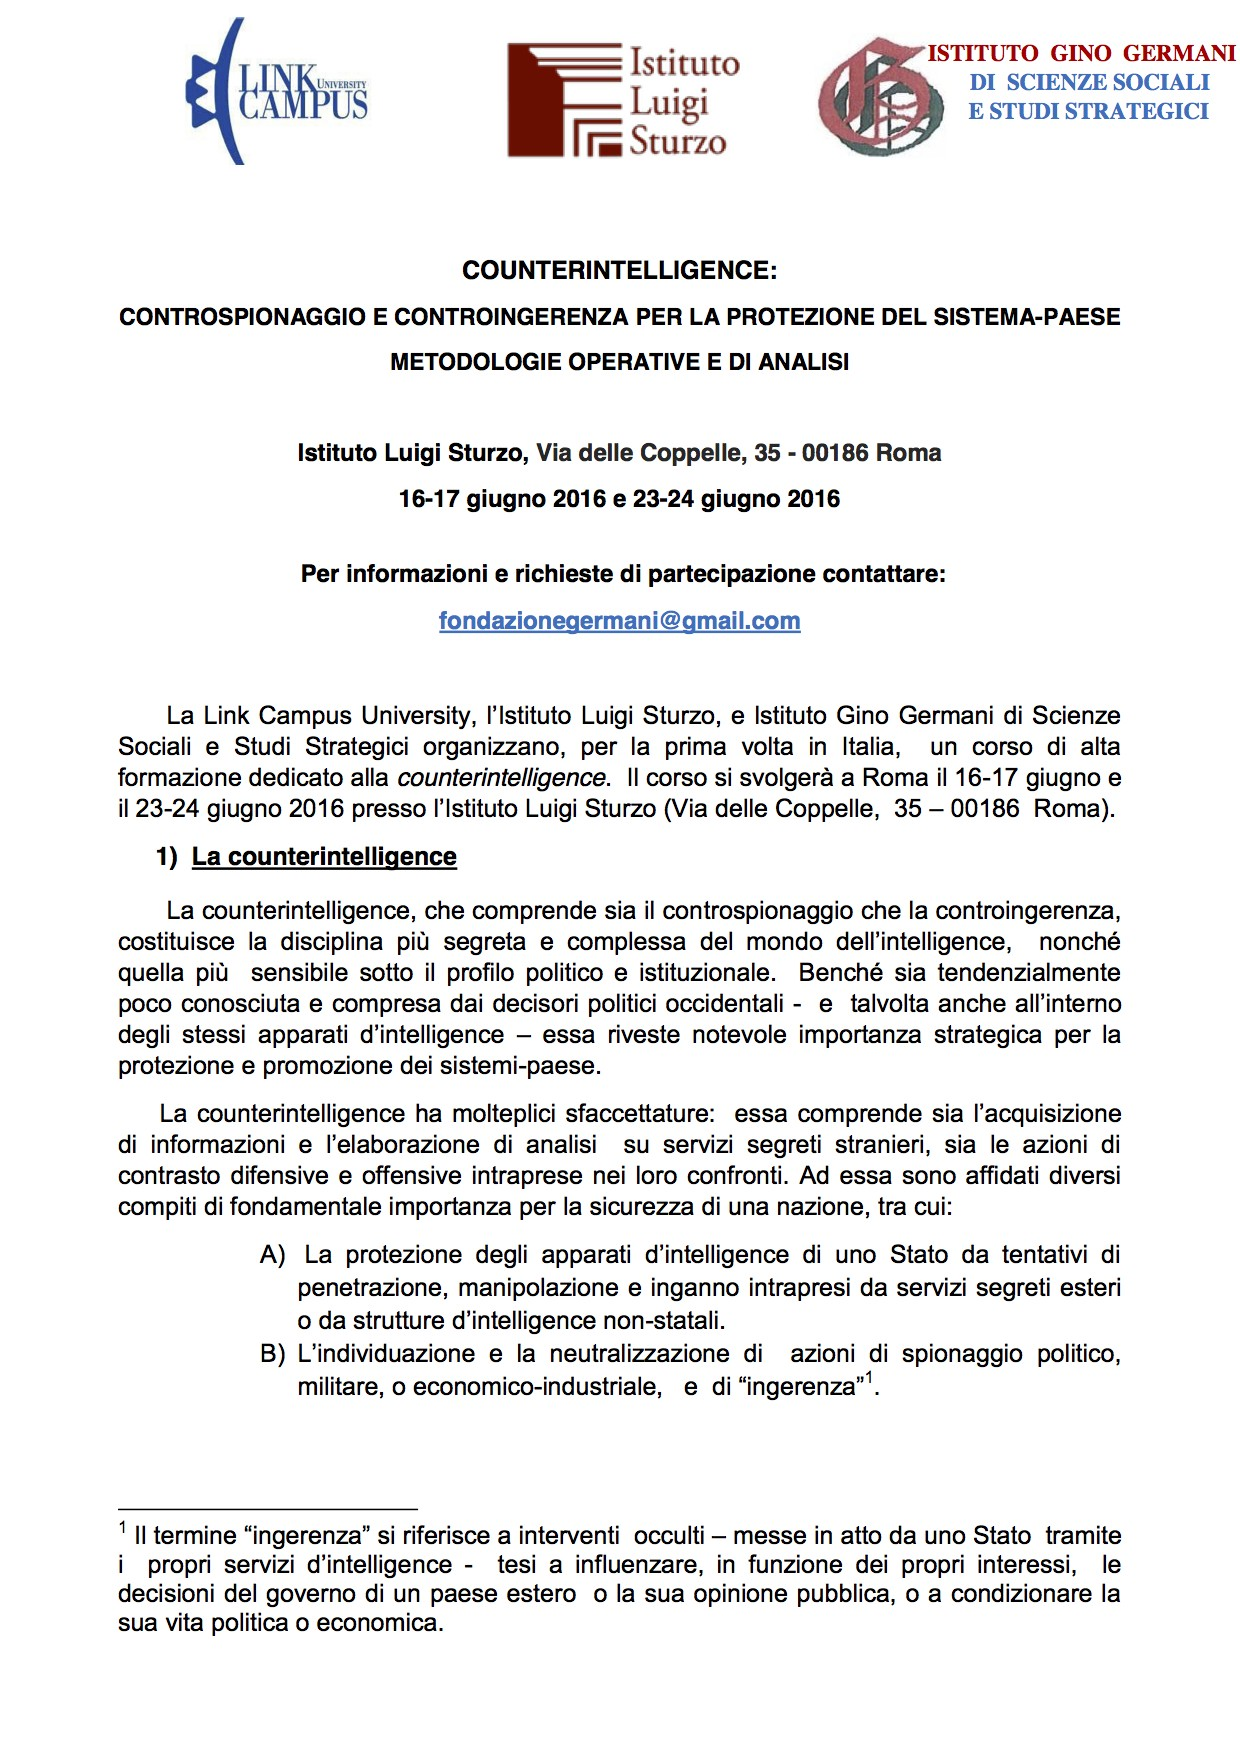 Corso di Alta Formazione Counterintelligence-controspionaggio e controingerenza per la protezione del sistema-paese giugno